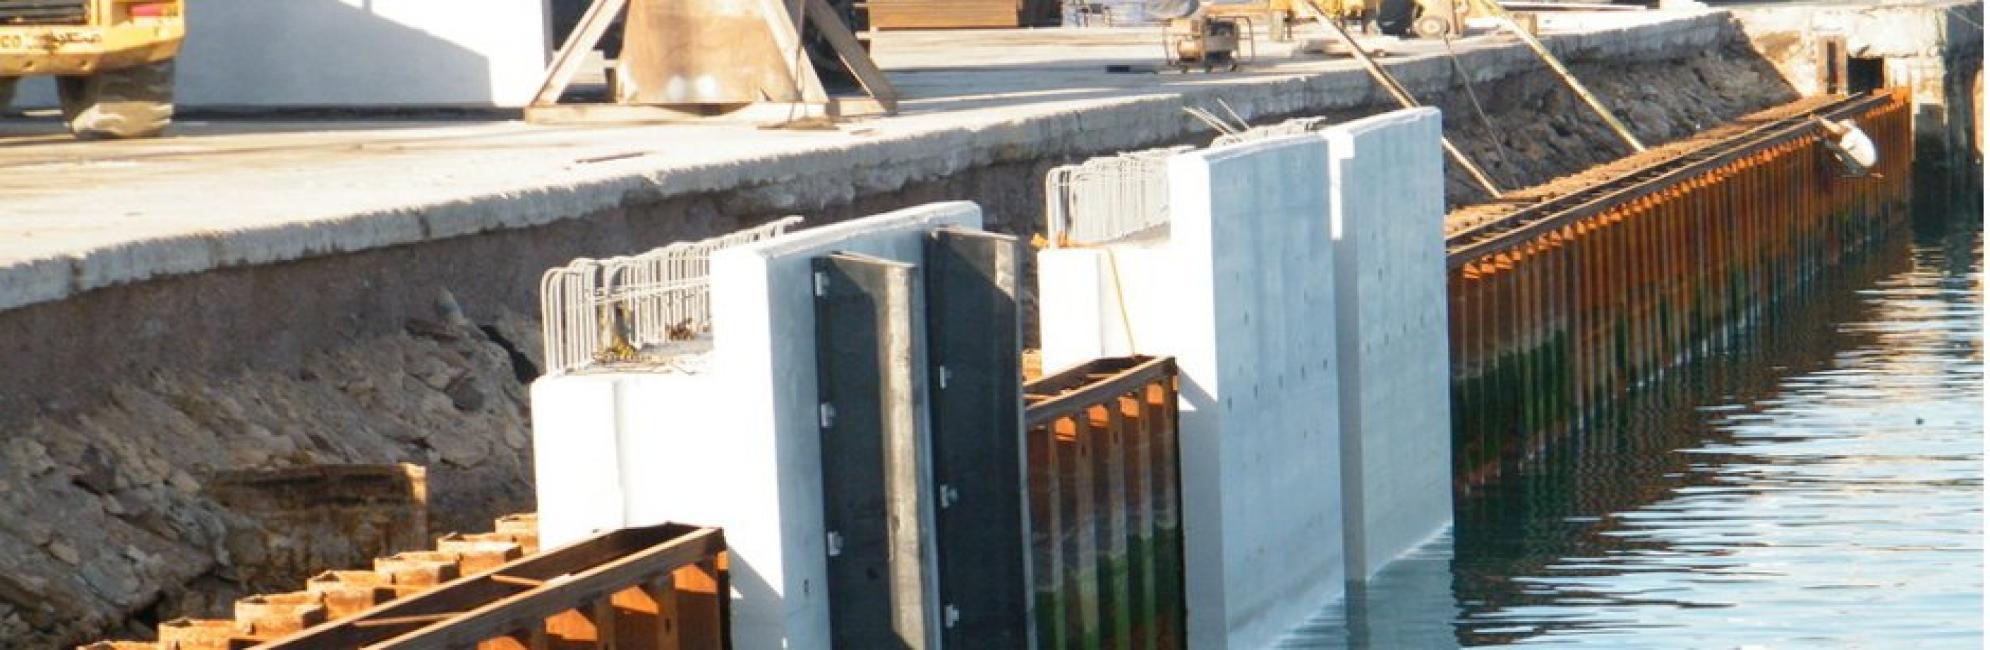 پروژه تعمیر و بازسازی اسکله قدیم بندر لنگه